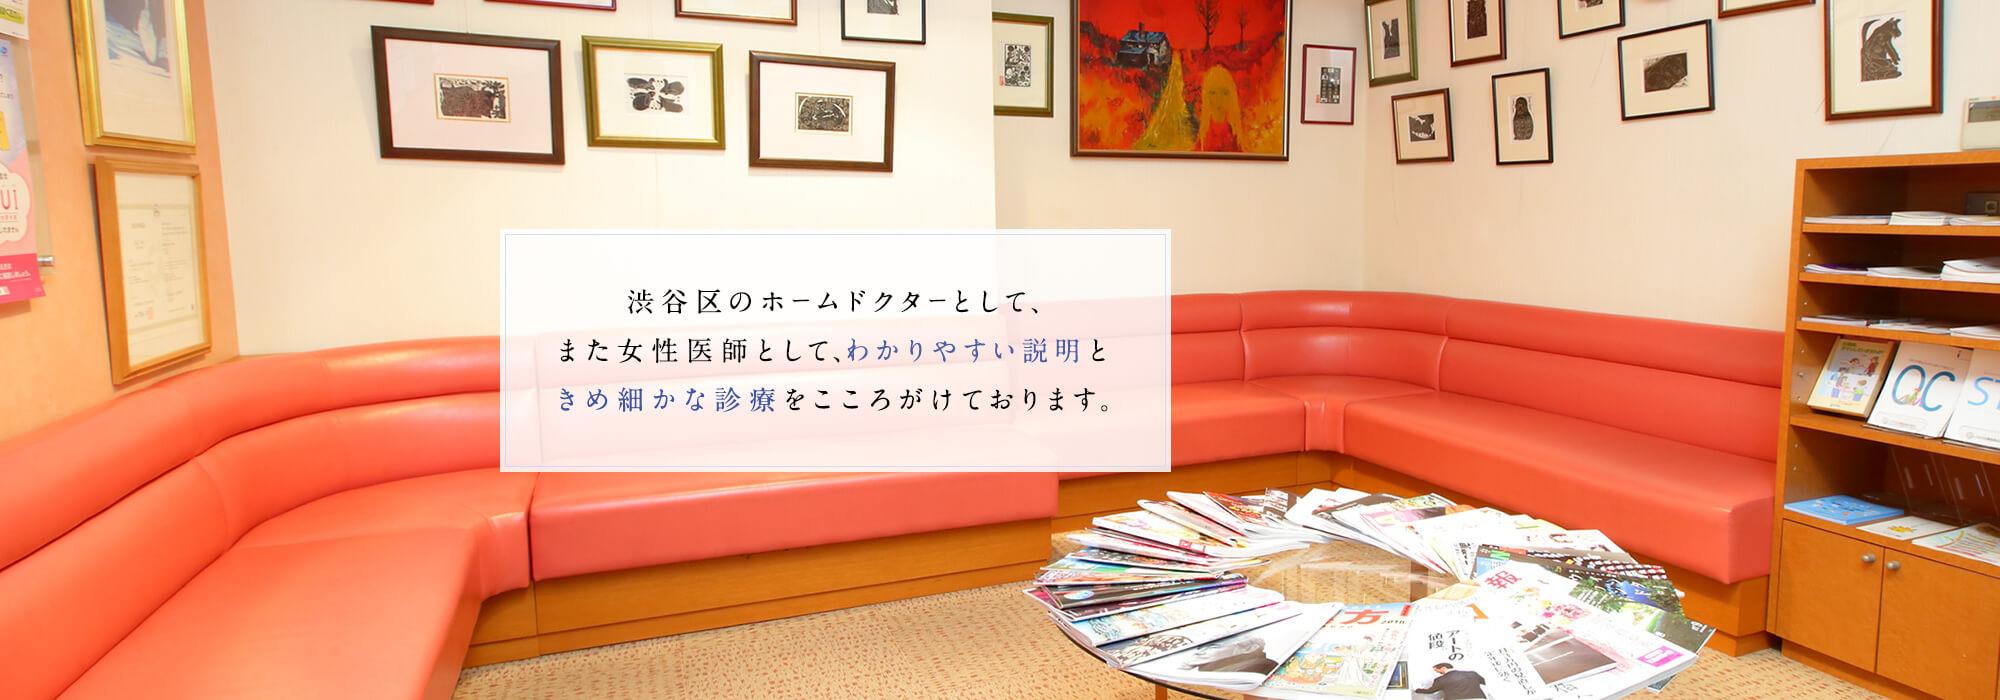 渋谷区のホームドクターとして、また女性医師として、わかりやすい説明ときめ細かな診療をこころがけております。